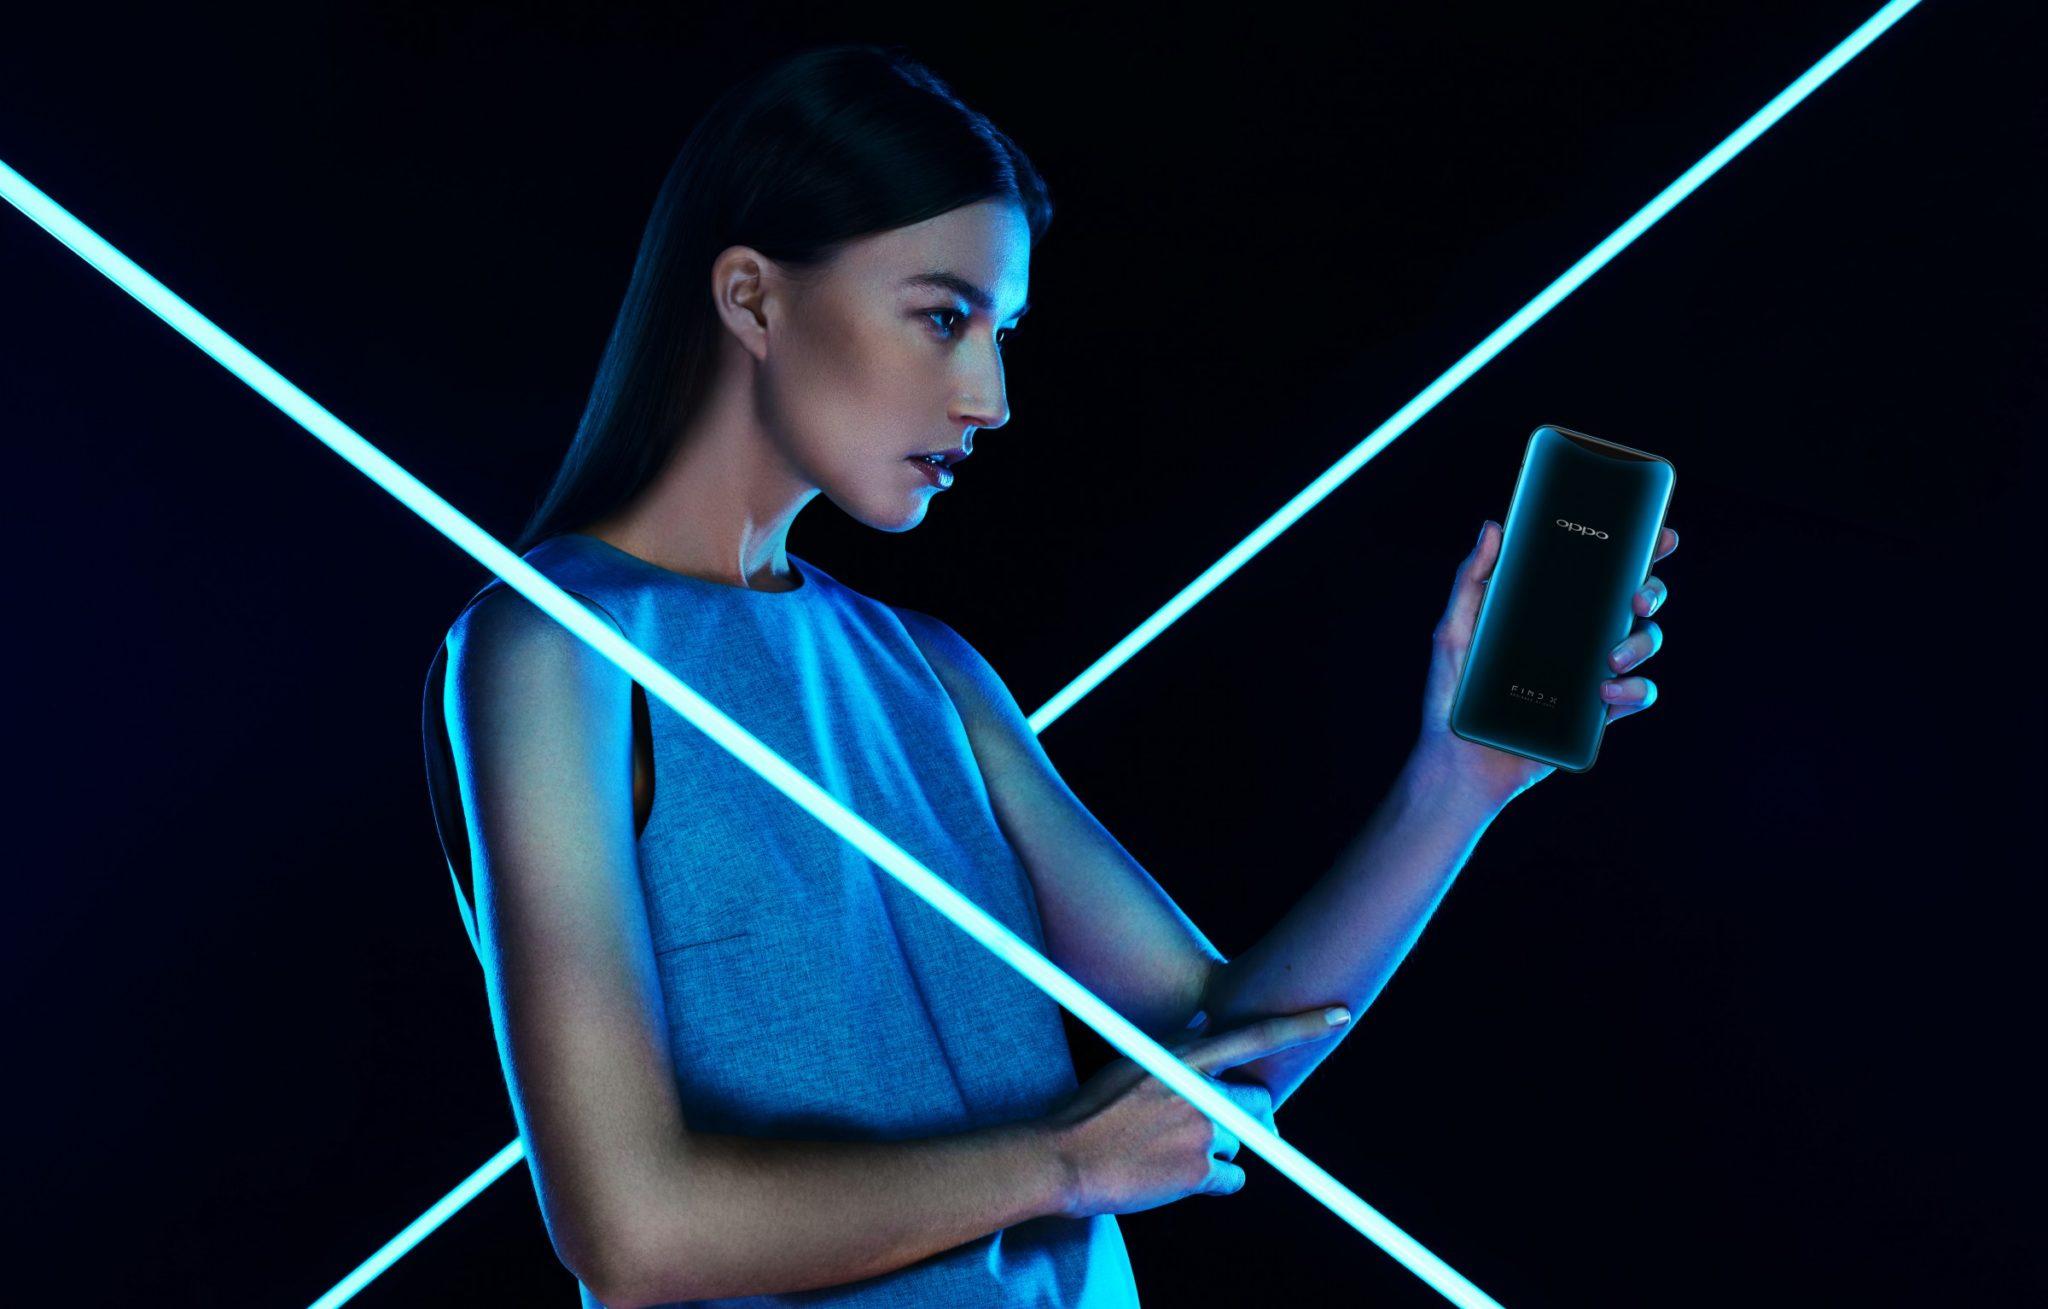 Kobieta trzymająca telefon OPPO